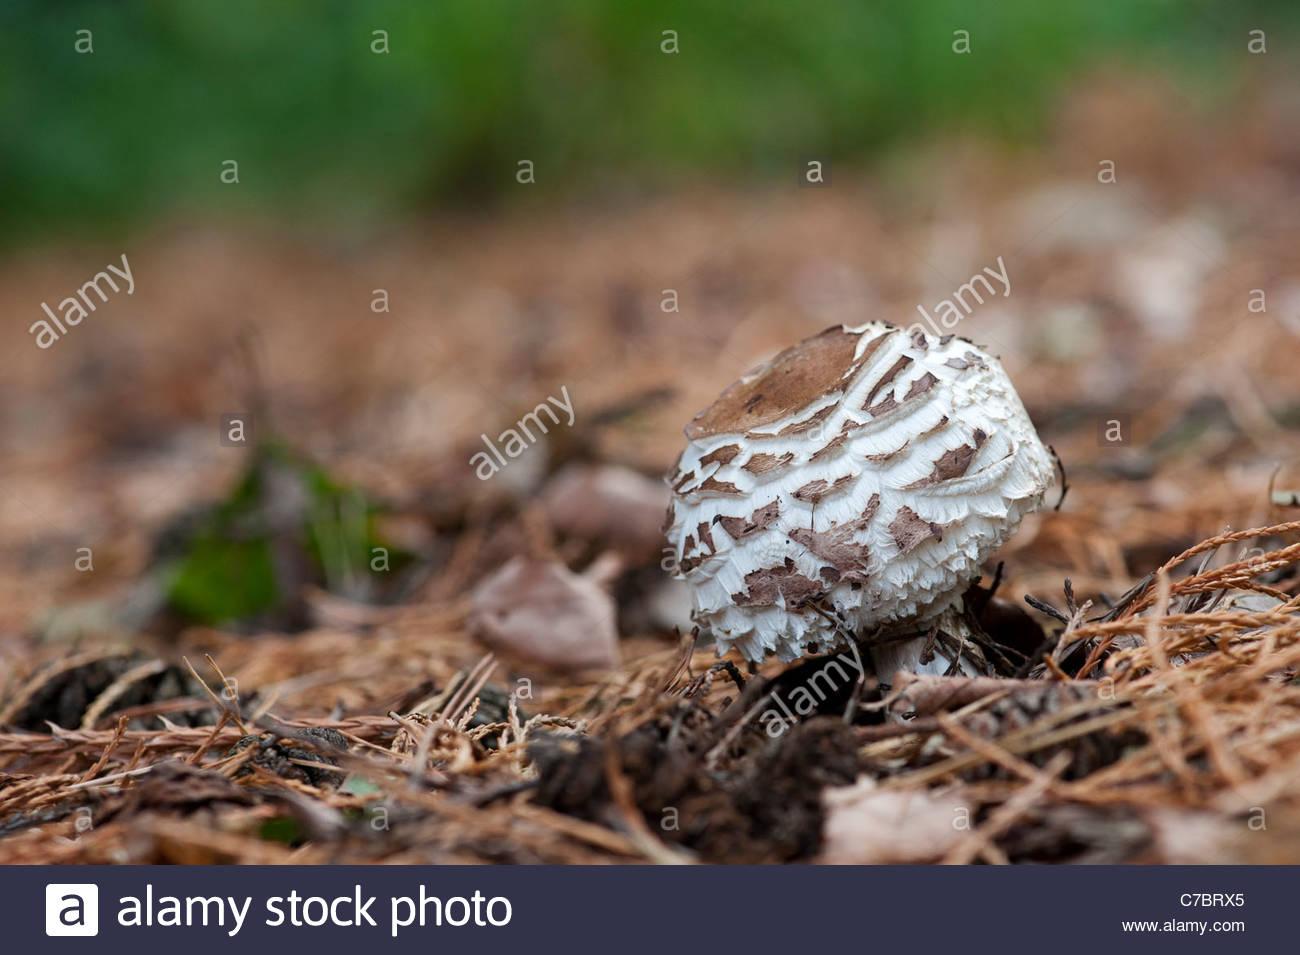 Chlorophyllum rhacodes. Safran-schirmpilz Pilz entstehen durch den Waldboden Stockbild